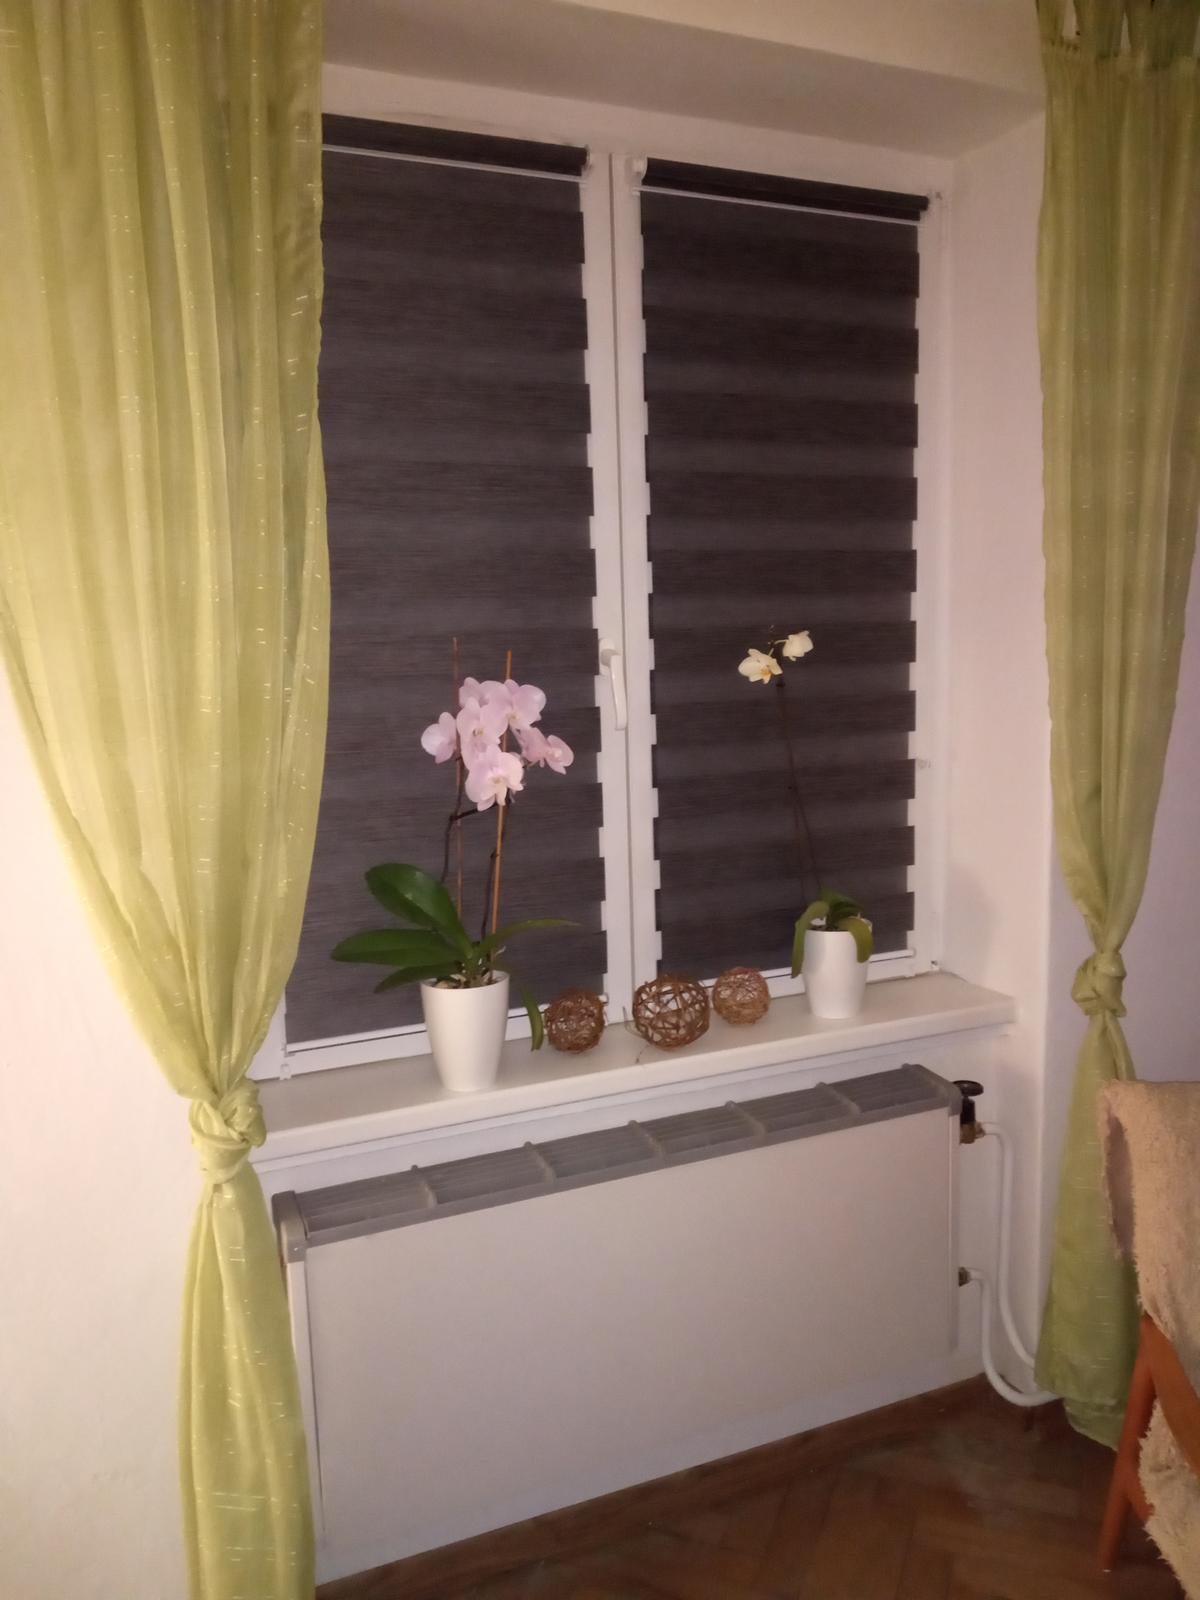 Dcera má v ložnici... - Obrázek č. 2